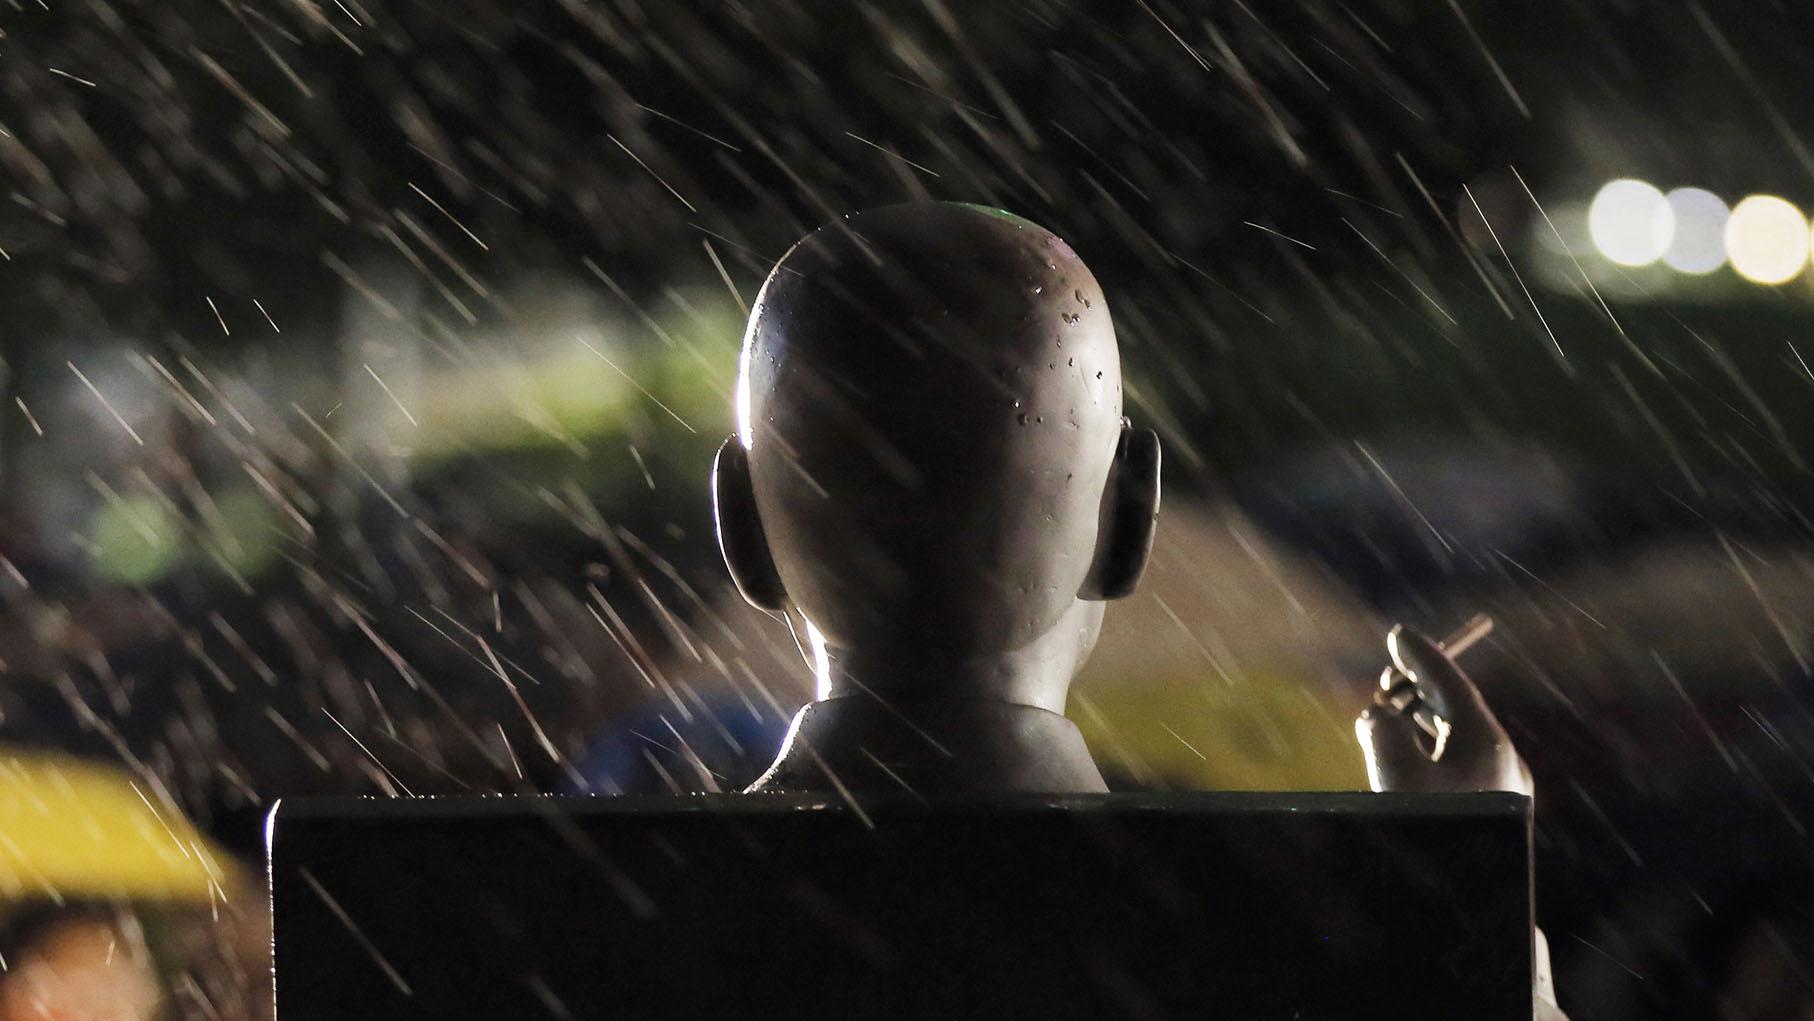 2020年7月13日,香港民众在纪念刘晓波逝世三周年。图为位于香港的刘晓波雕像。(美联社)